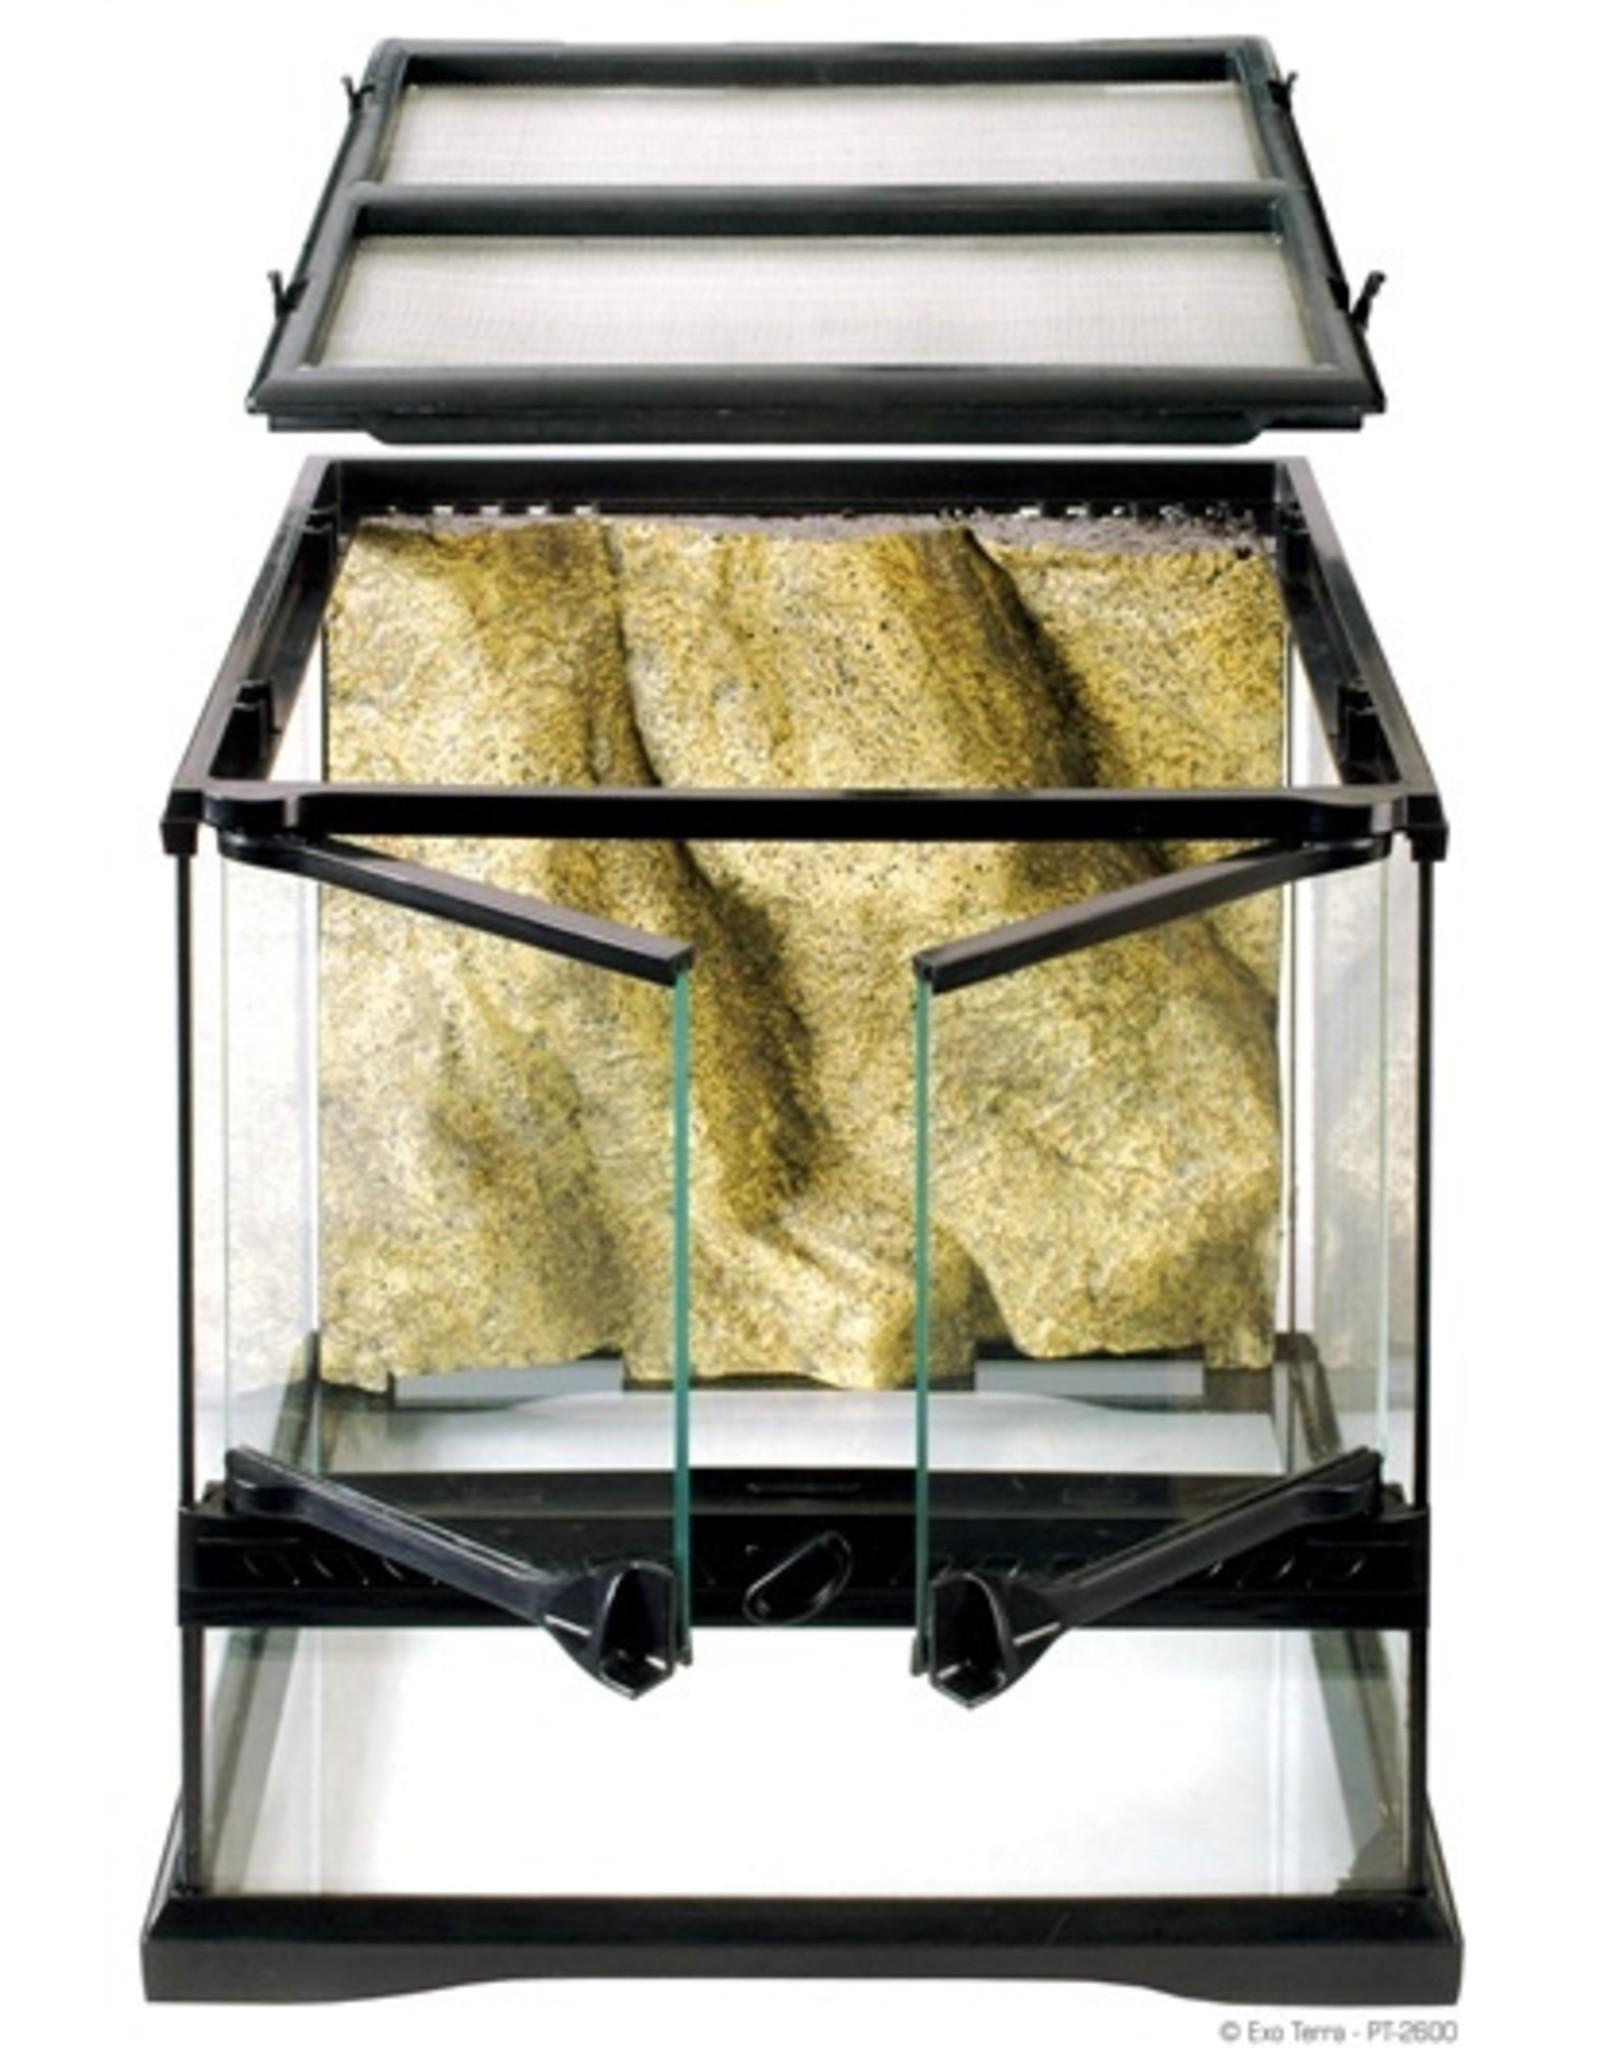 Exo Terra EXO TERRA All Glass Terrarium WIDE